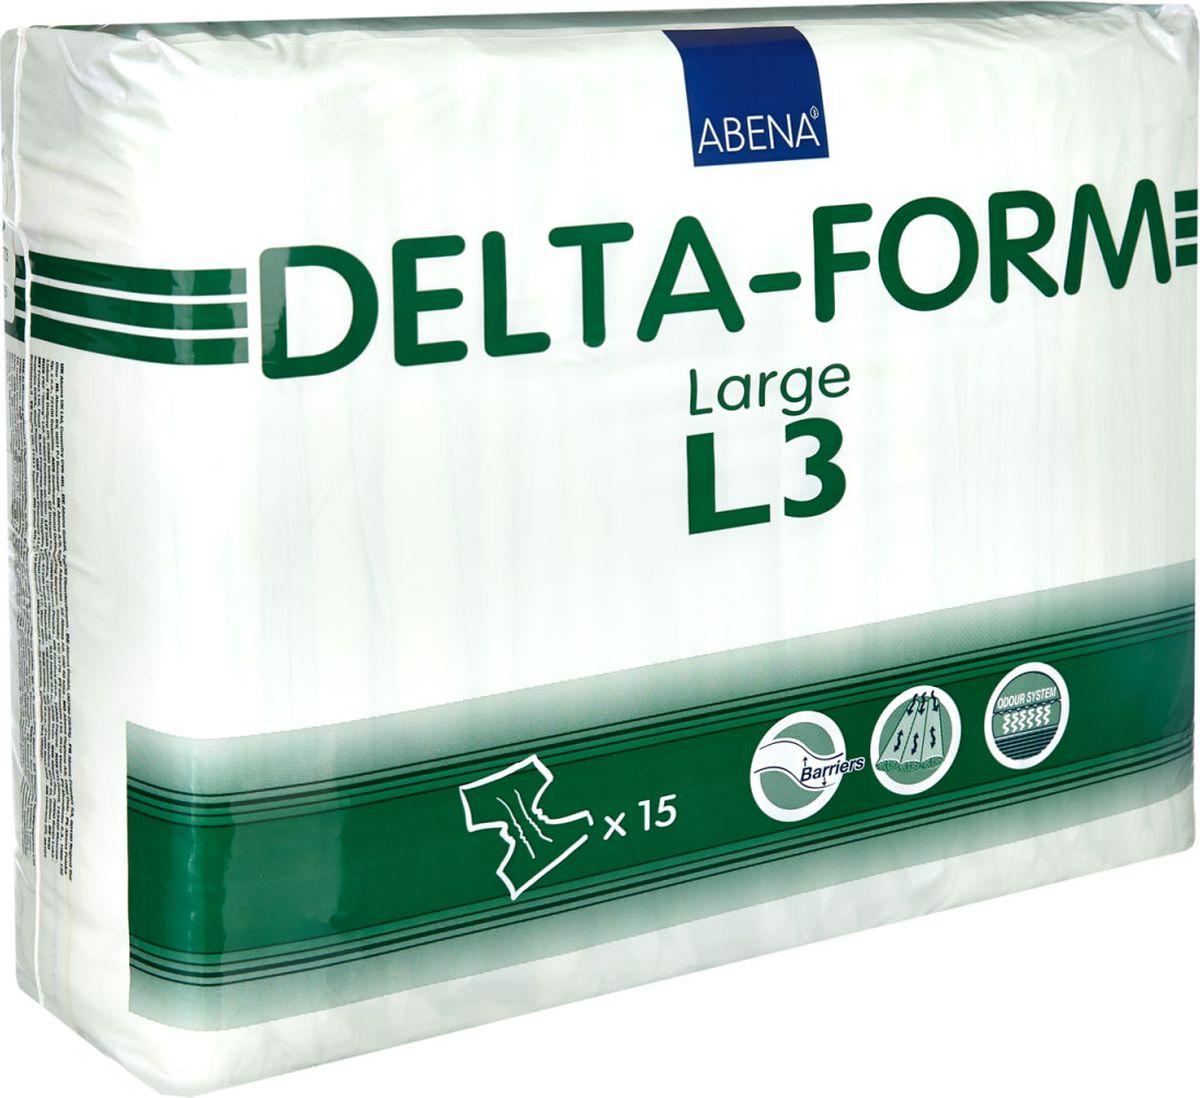 Abena Подгузники для взрослых Delta-Form L3 15 шт308873Подгузники для взрослых Abena Delta-Form созданы для ухода за пациентами, имеющими недержание мочи. Они имеют анатомическую форму, которая обеспечивает оптимальный комфорт и активность пациента. Внутренняя поверхность изготавливается из особого материала, который обеспечивает сухость, защиту кожи и проникновение влаги только в одну сторону. Благодаря наличию распределительного слоя TOP DRY влага впитывается очень быстро и минимально контактирует с кожей.Впитываемость 3200 г. Размер 100-150 см.